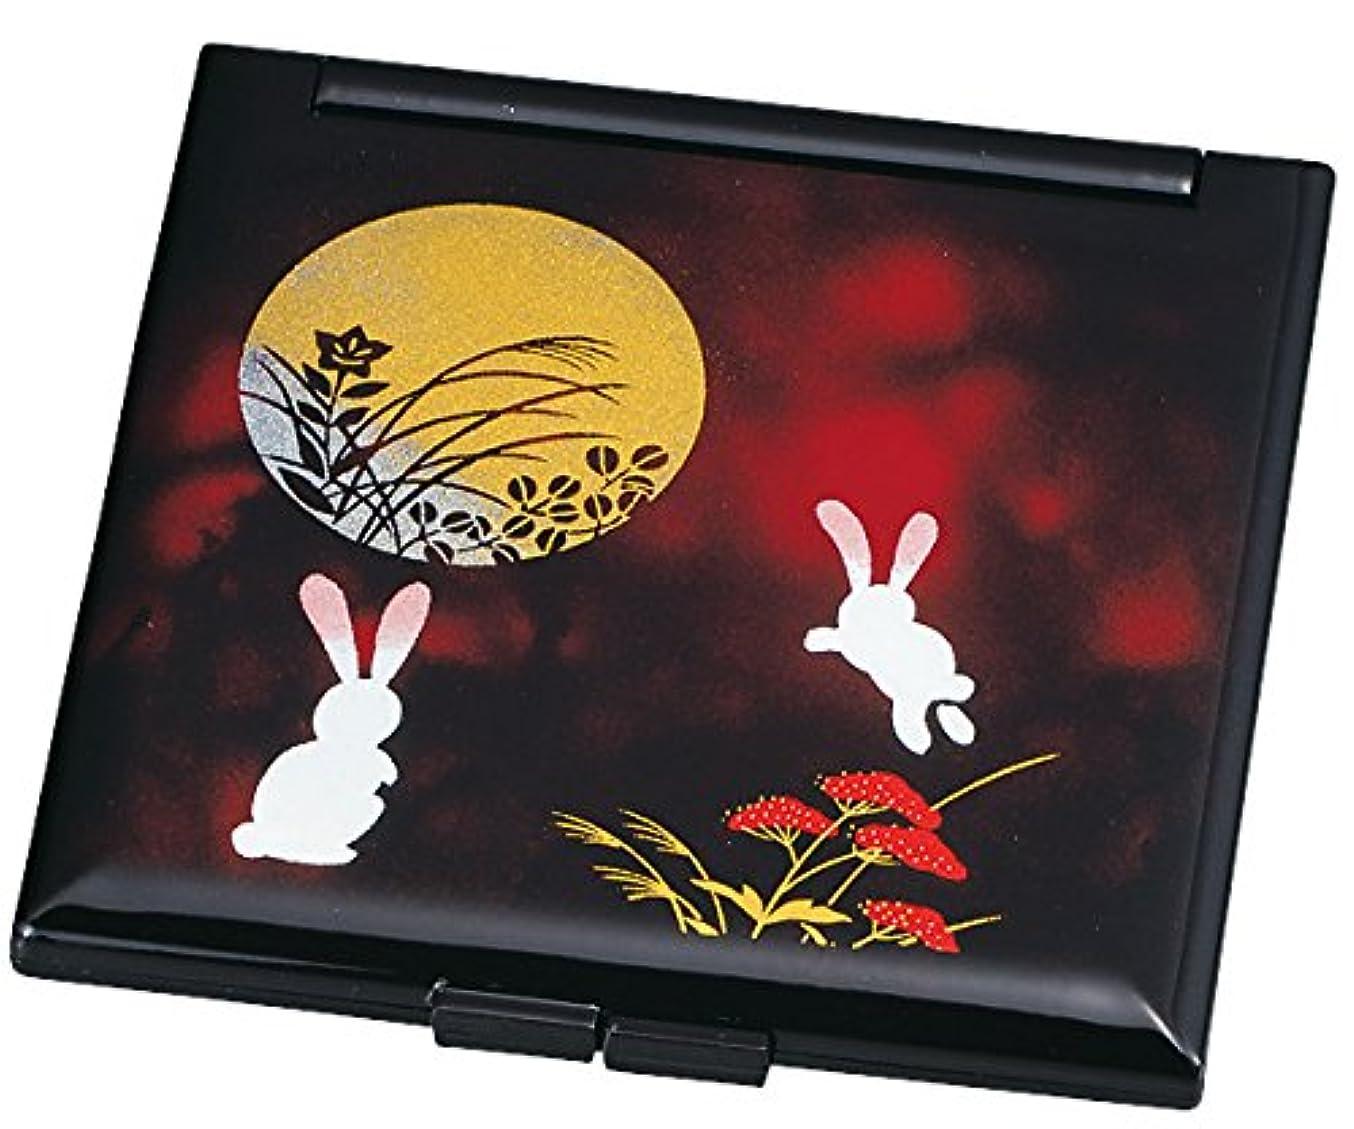 安らぎ薬局アクセスできない中谷兄弟商会 山中漆器 コンパクトミラー 別甲 月うさぎ33-0408